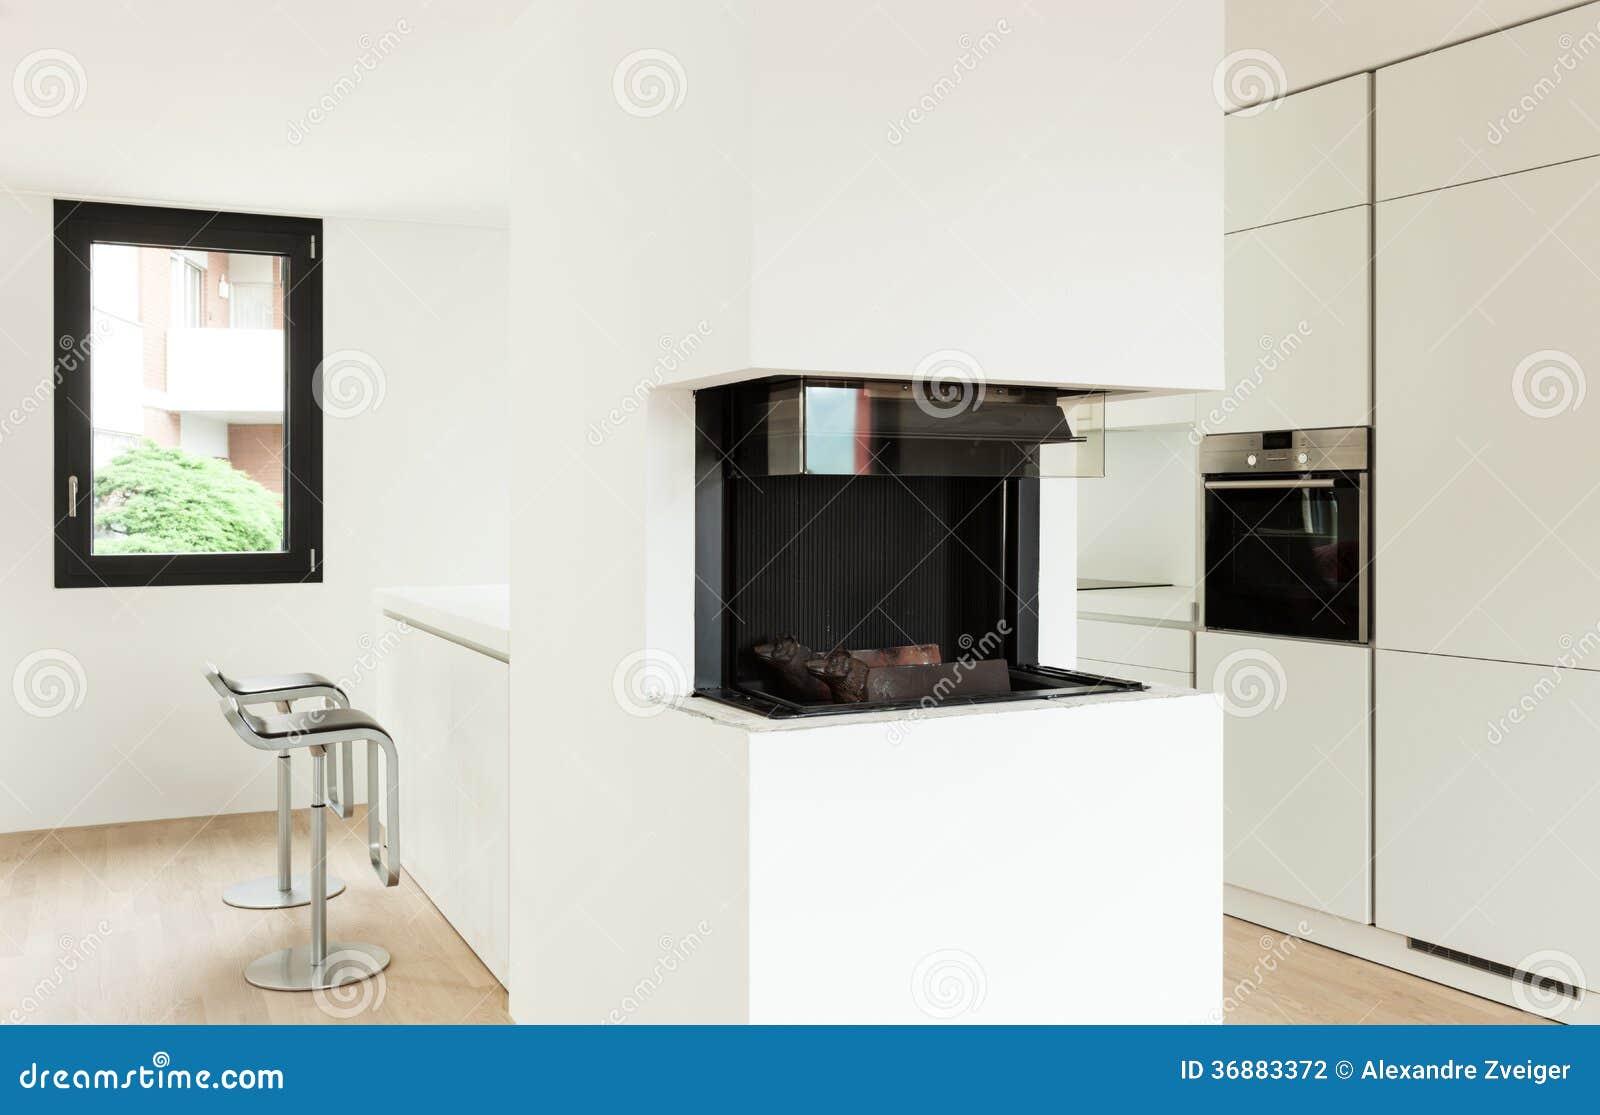 Download Nuova casa interna fotografia stock. Immagine di vuoto - 36883372